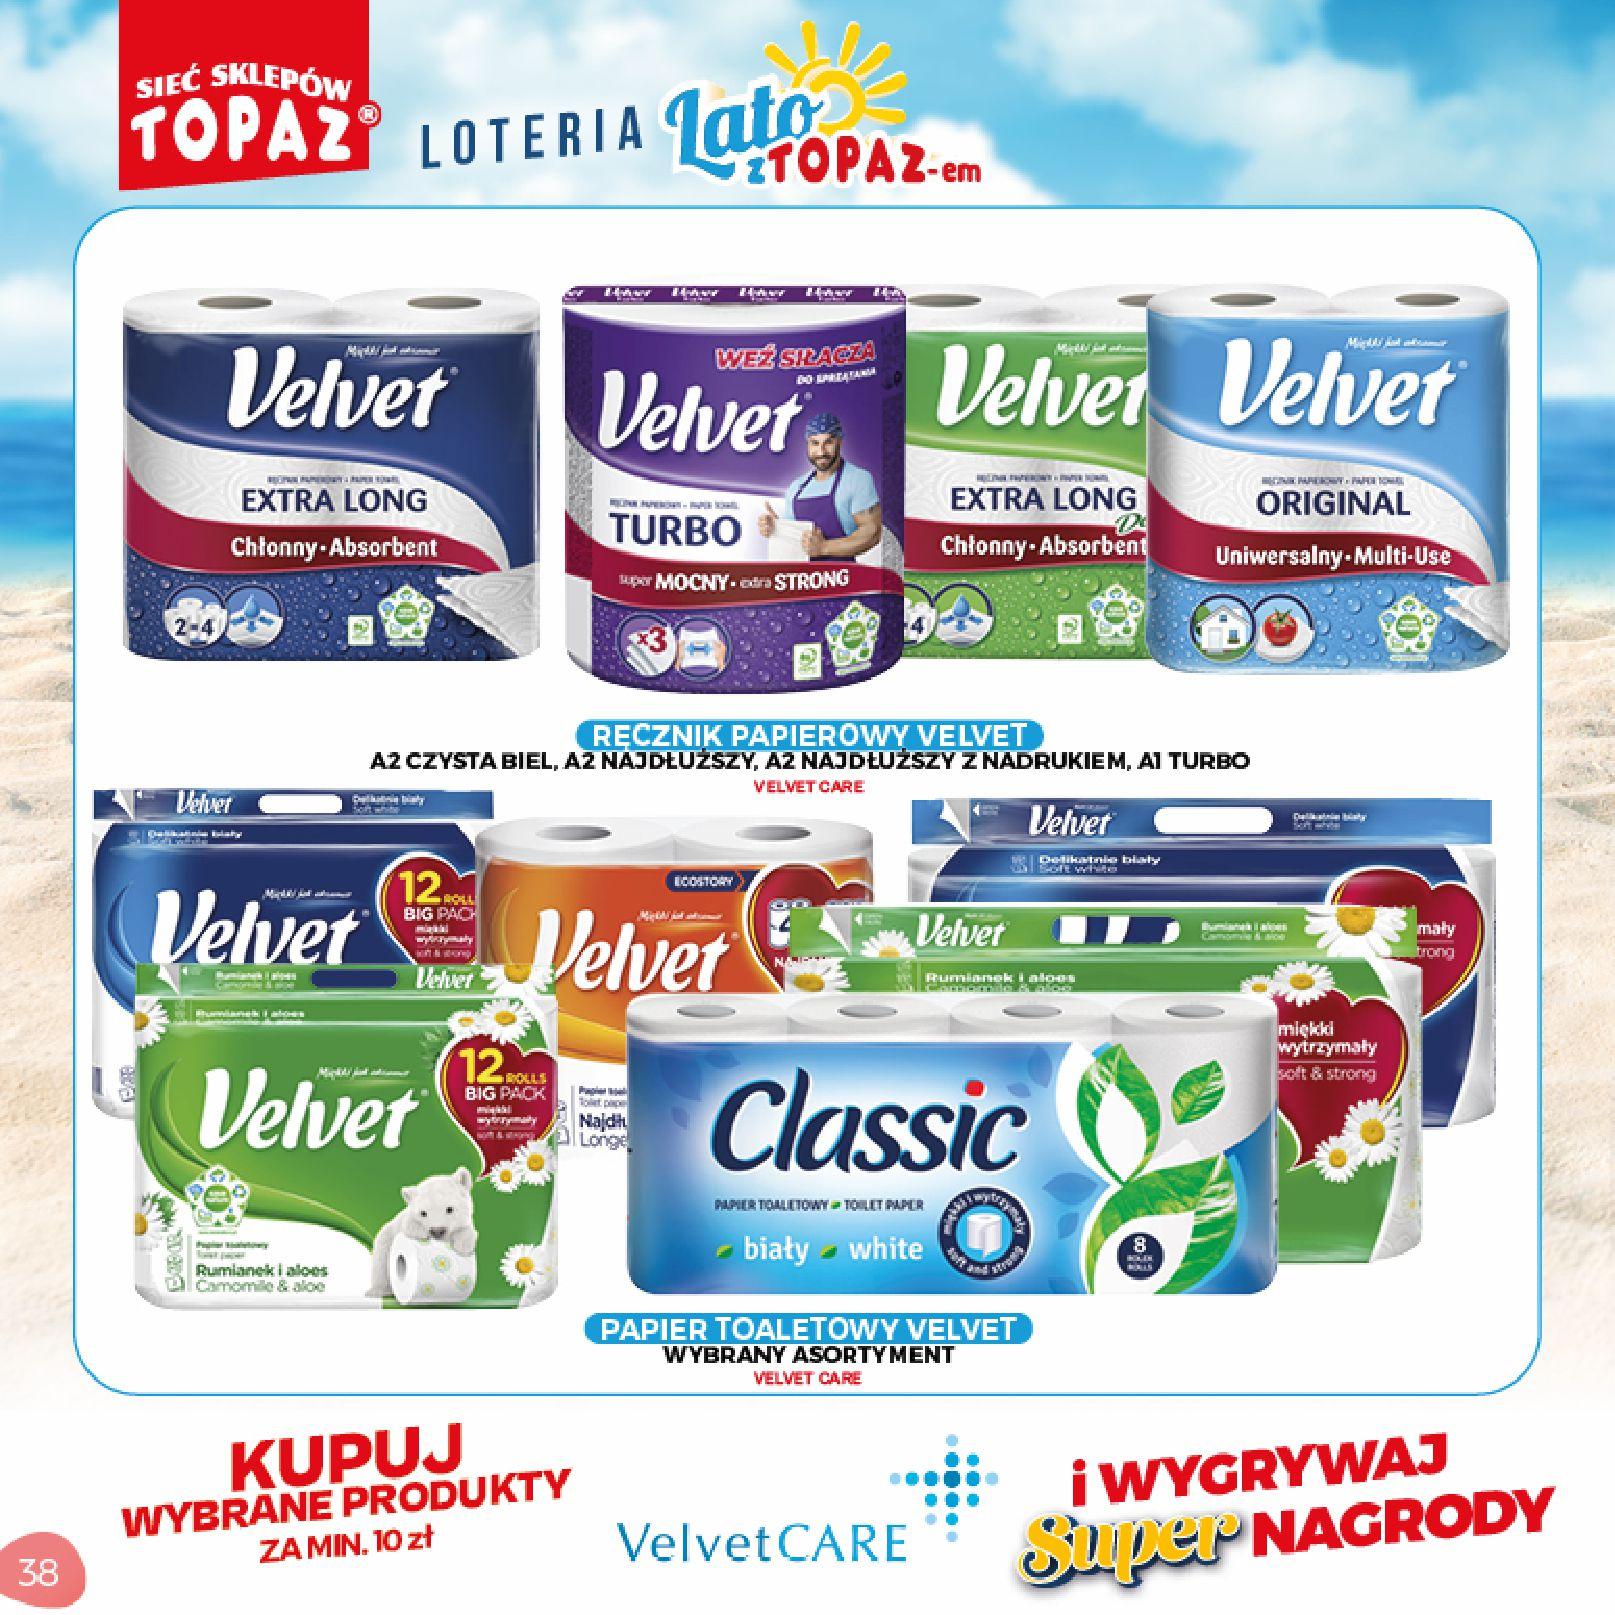 Gazetka TOPAZ: Gazetka TOPAZ - Loteria 2021-07-05 page-38